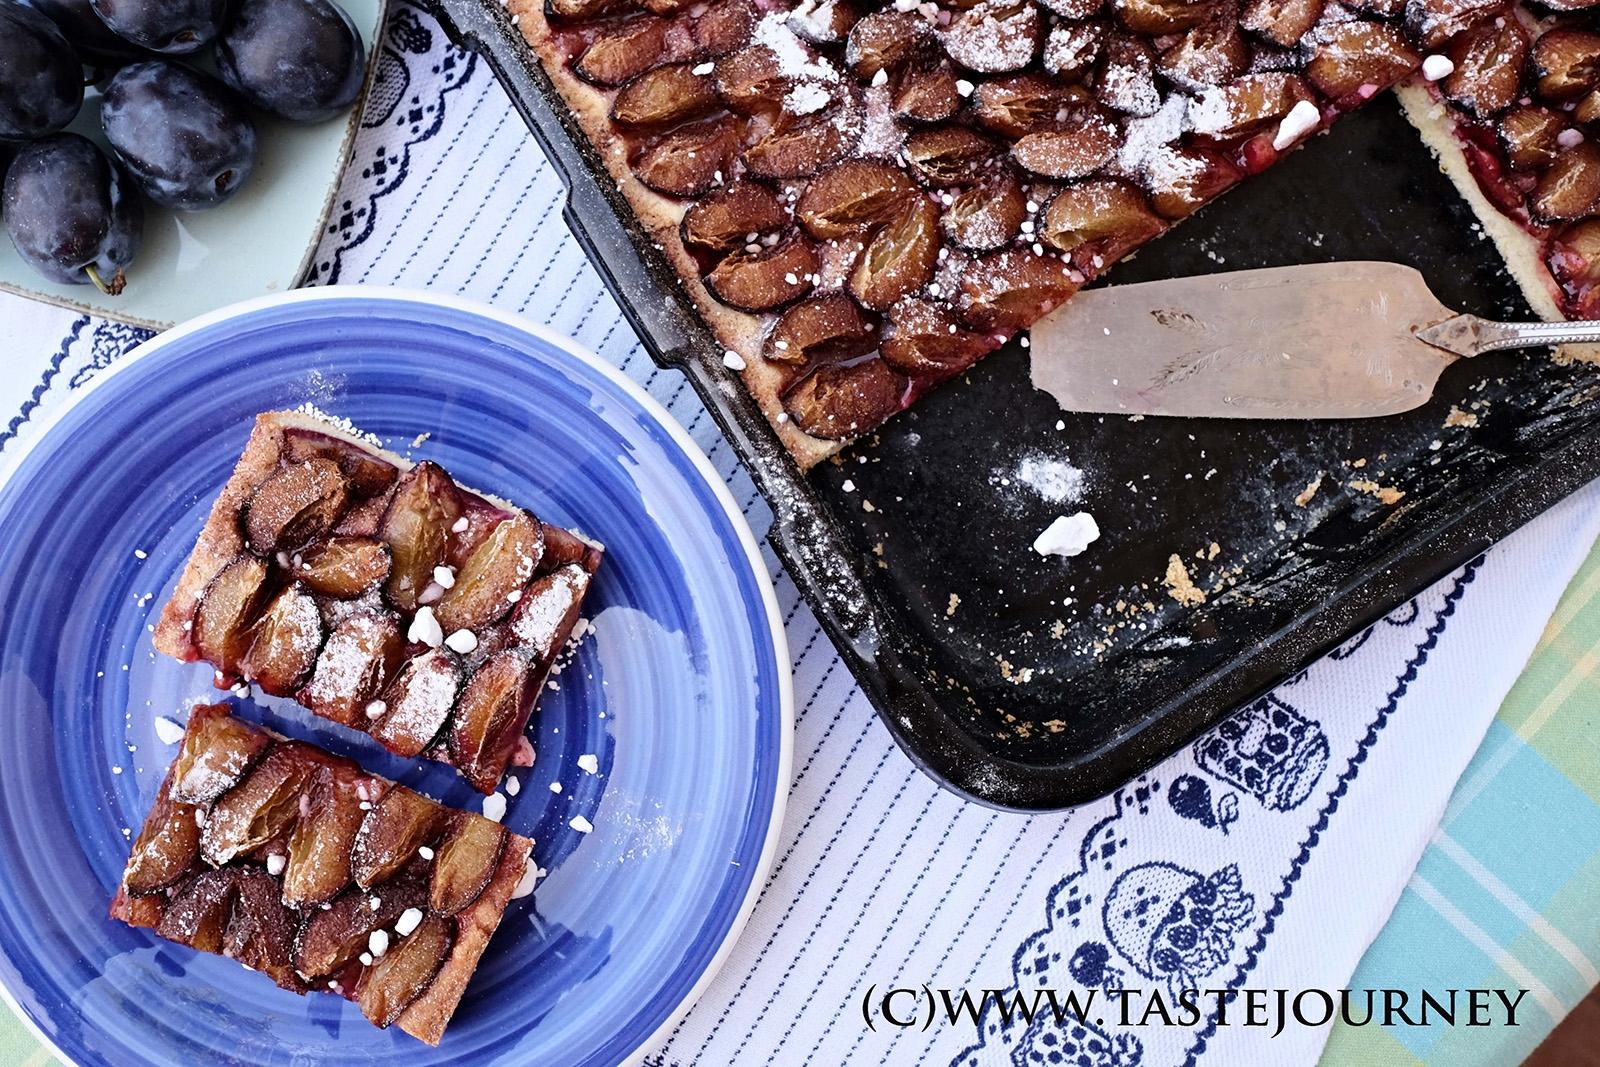 Švestkové koláče mají u nás velkou tradici